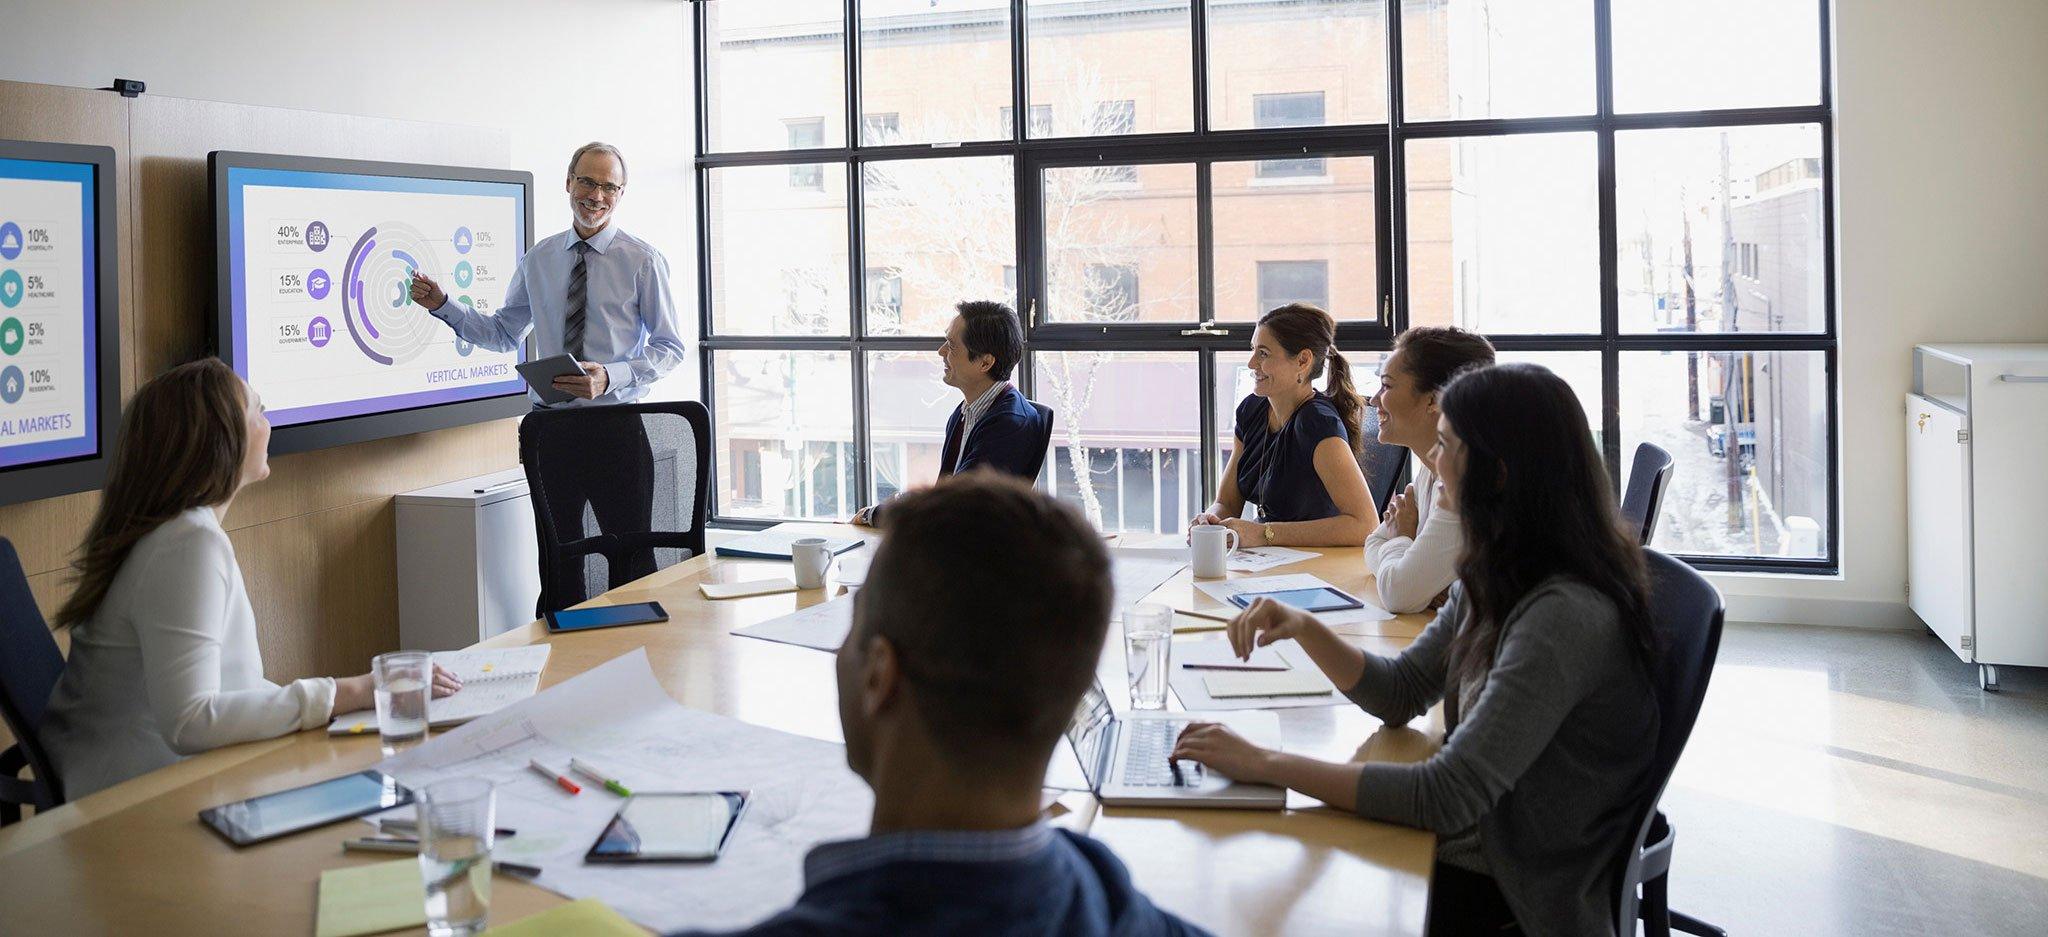 Microsoft Teams Room Meeting